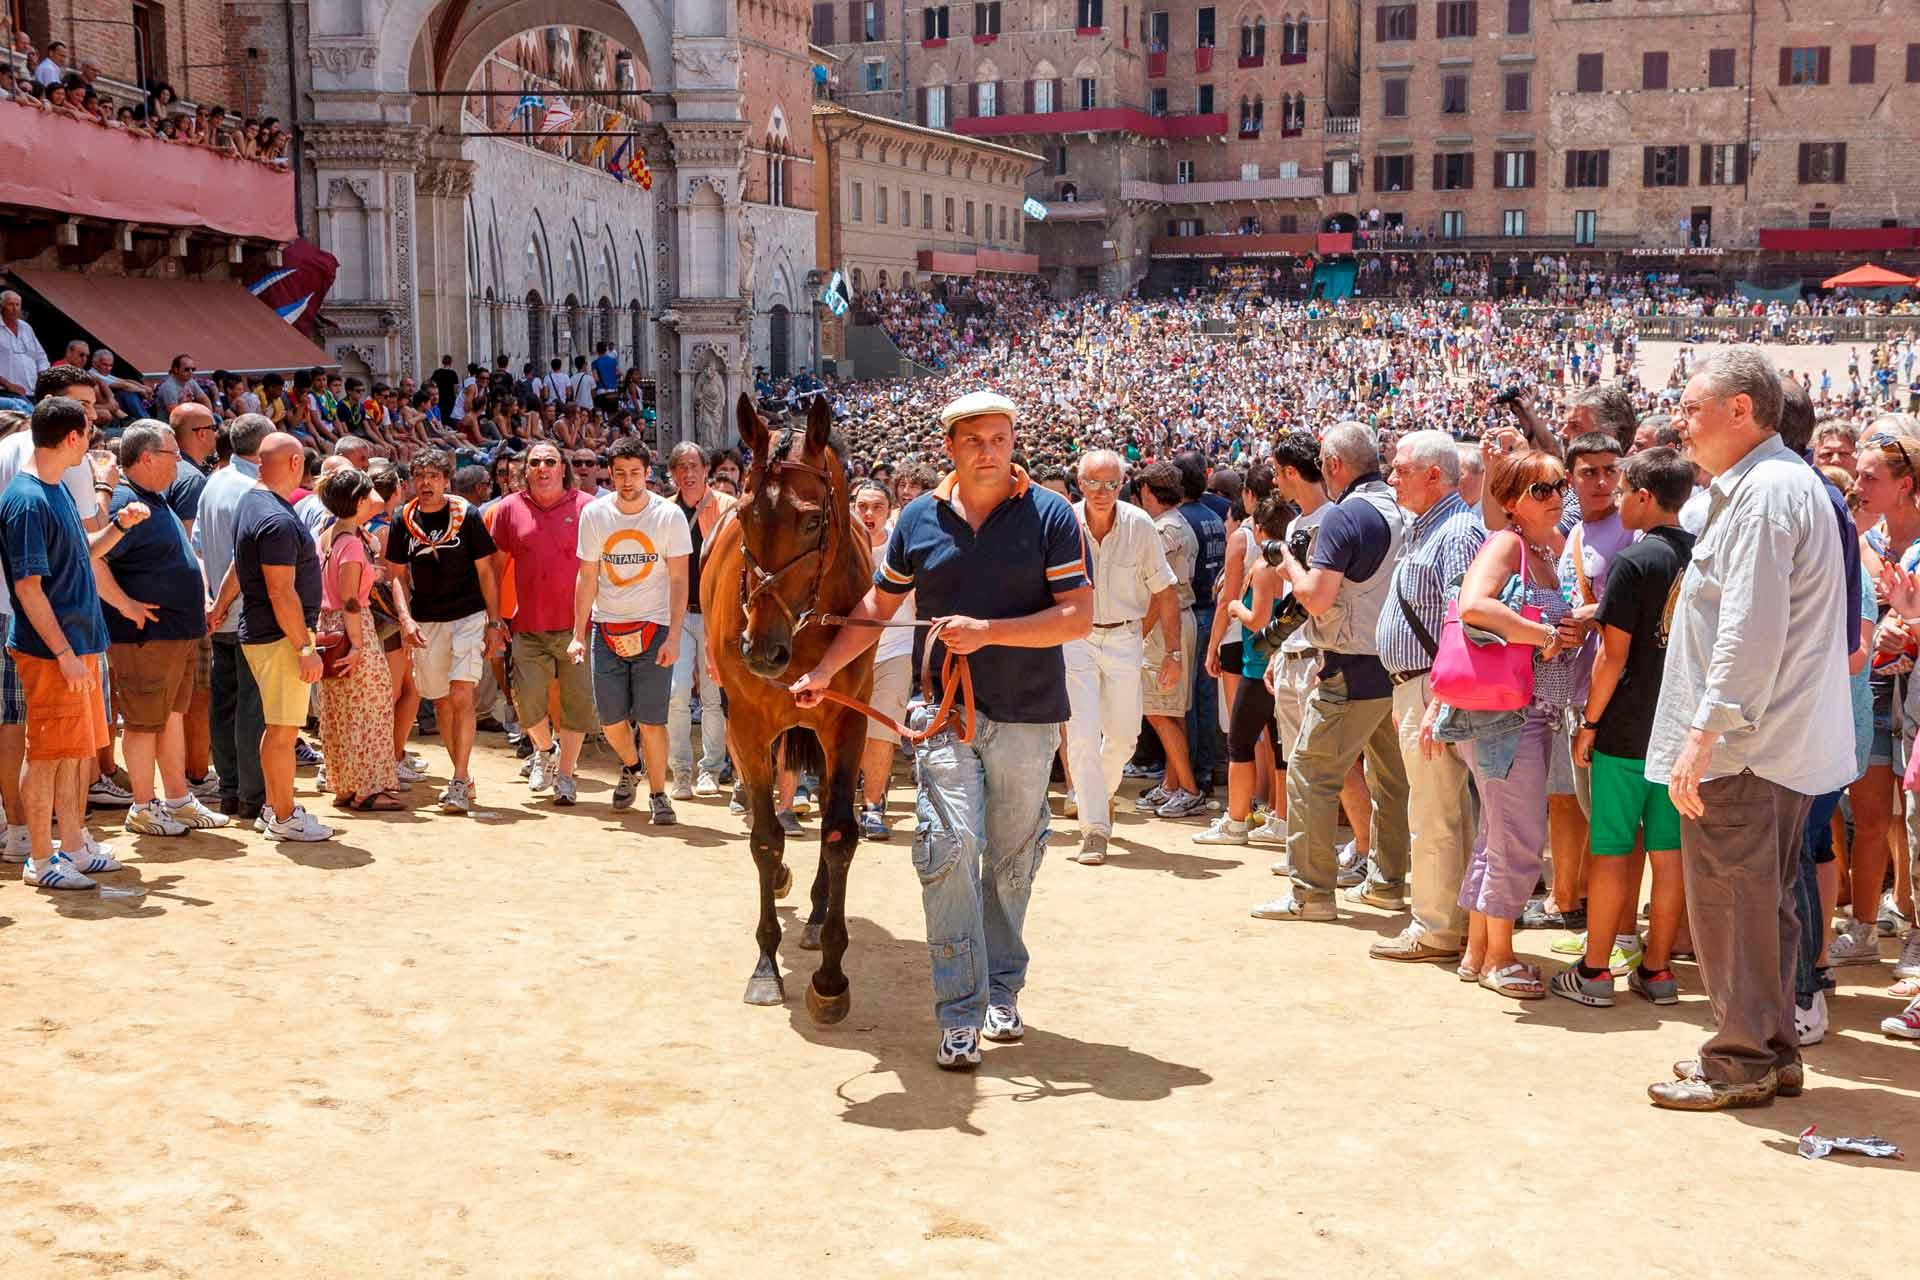 IL SORTEGGIO - Una volta ricevuto il cavallo sorteggiato, la Contrada, tramite il proprio Barbaresco, lo prende in consegna fino a palio corso. Il cavallo non potr? essere sostituito per nessun motivo.